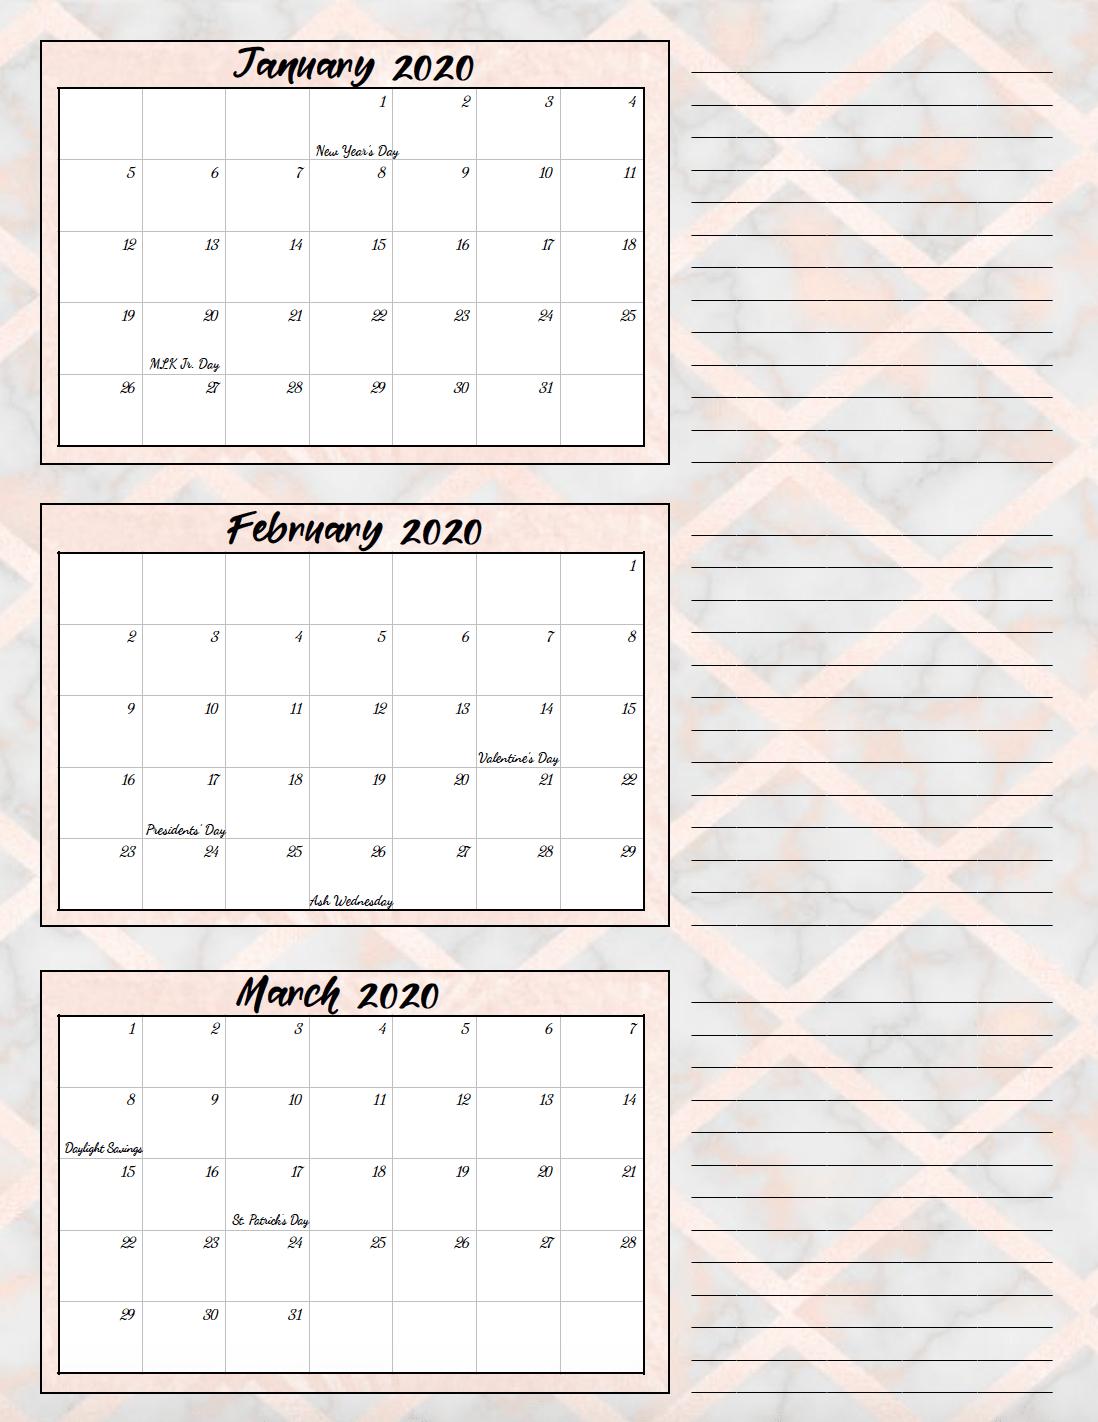 2020 Quarterly Calendar  Yatay.horizonconsulting.co pertaining to Quarterly Calendar 2020 Excel